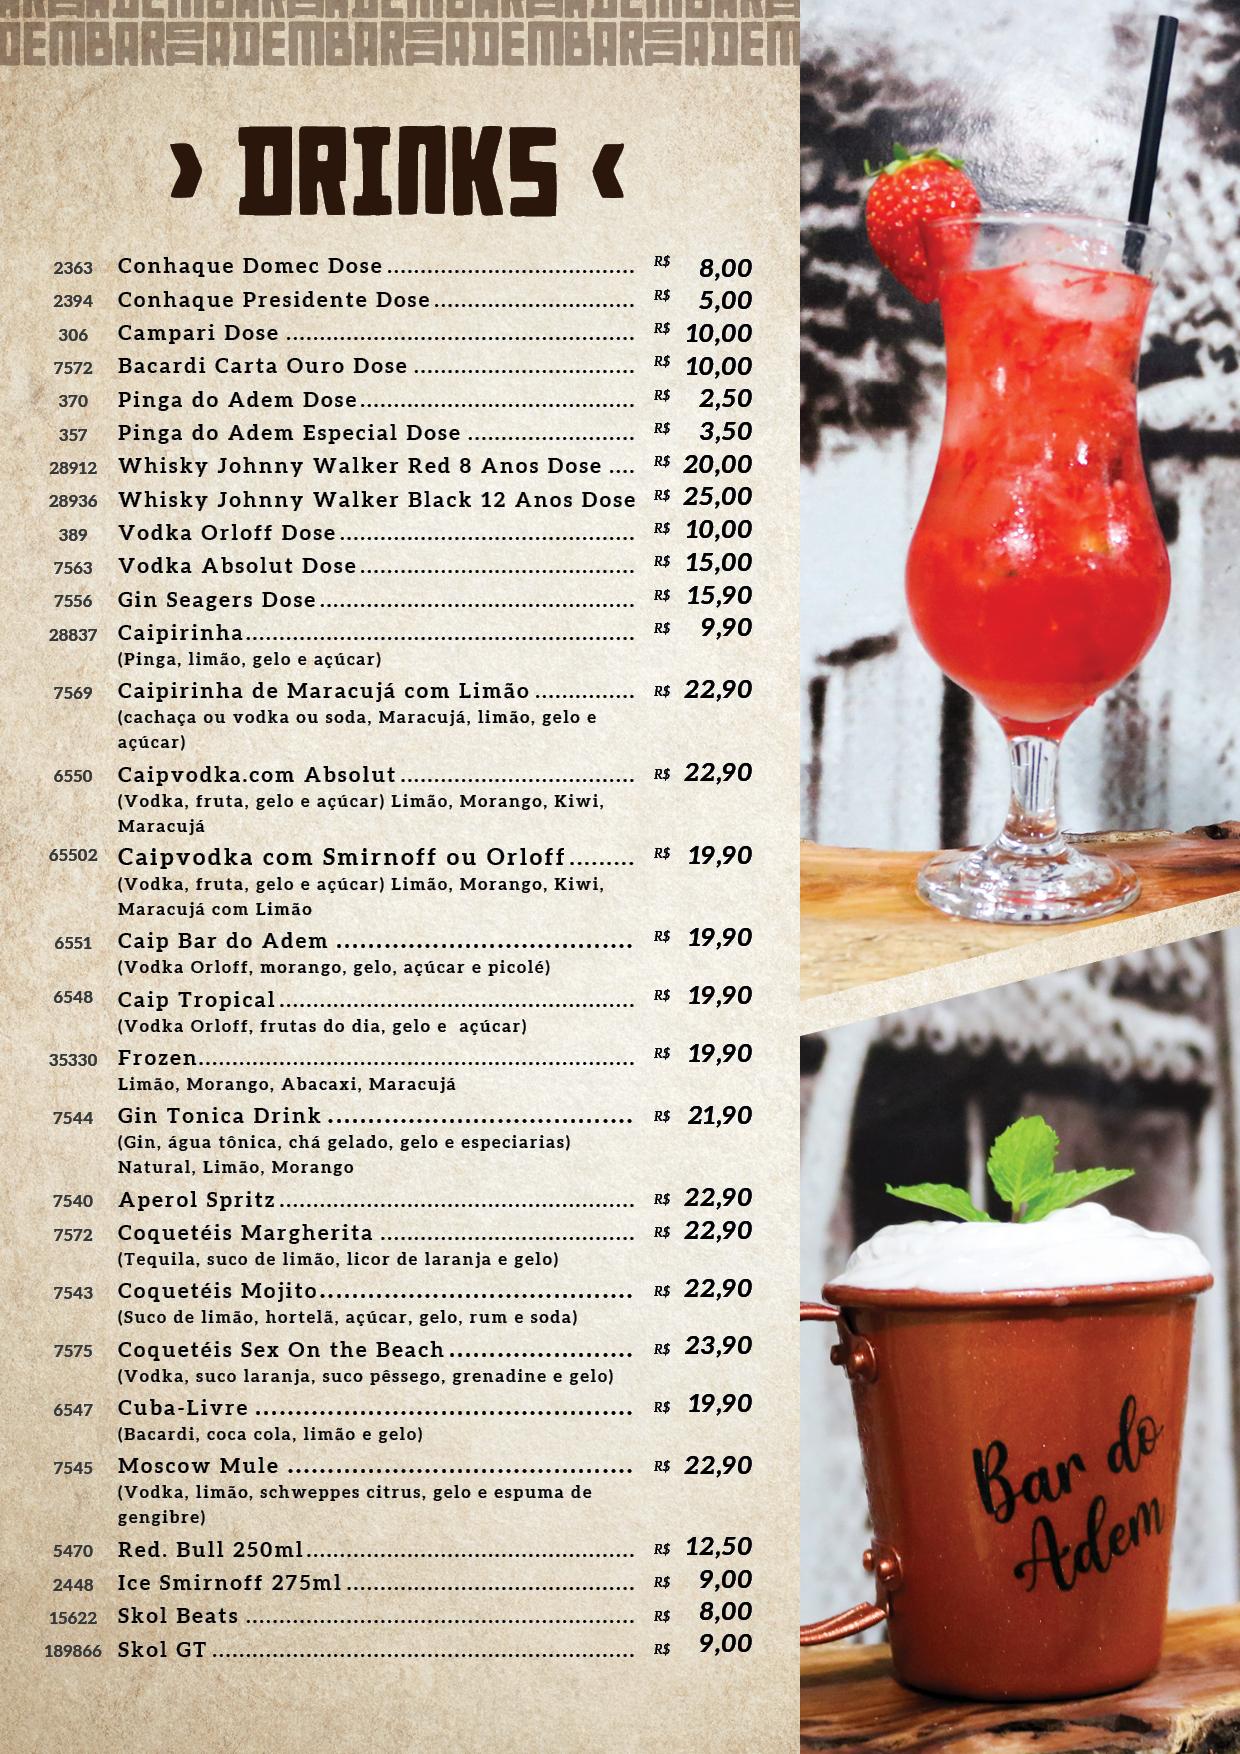 cardapio_a4_bebidas_bar_do_adem_v22 Cardápio de bebidas - Bar do Adem